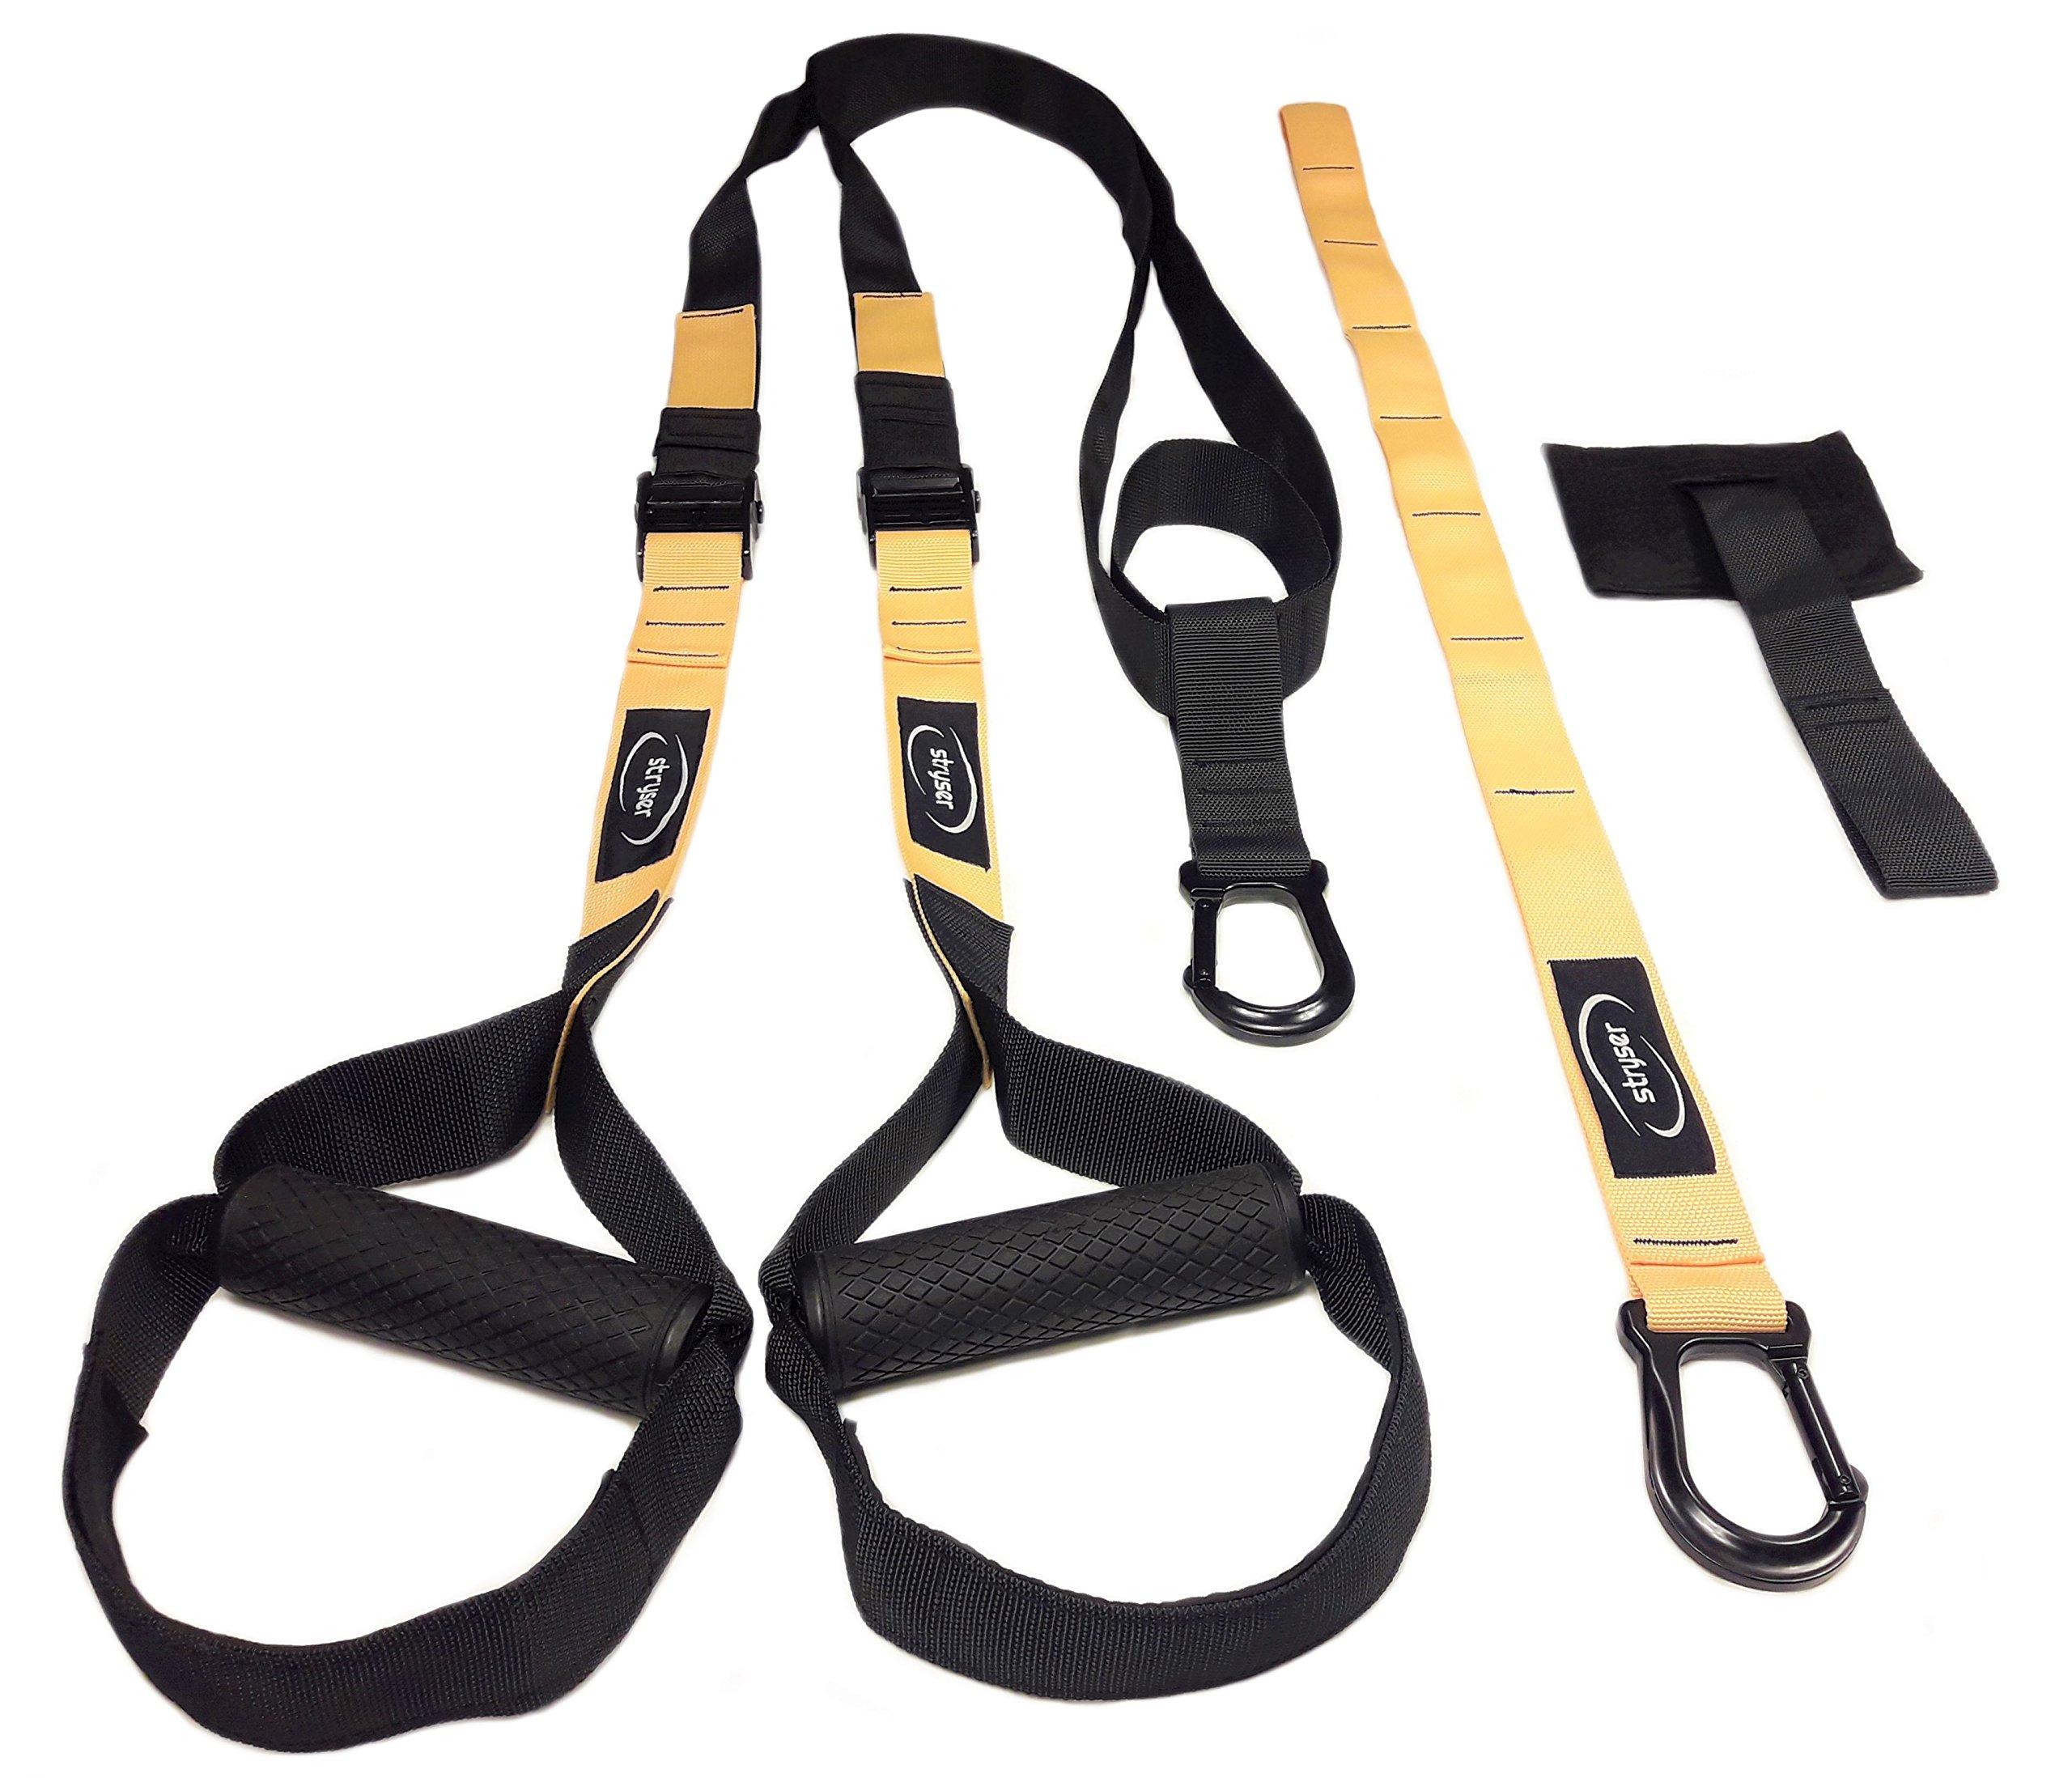 STRYSER- Entrenador en suspensión para entrenamiento de cuerpo completo, fortalecimiento, resistencia y tonificación